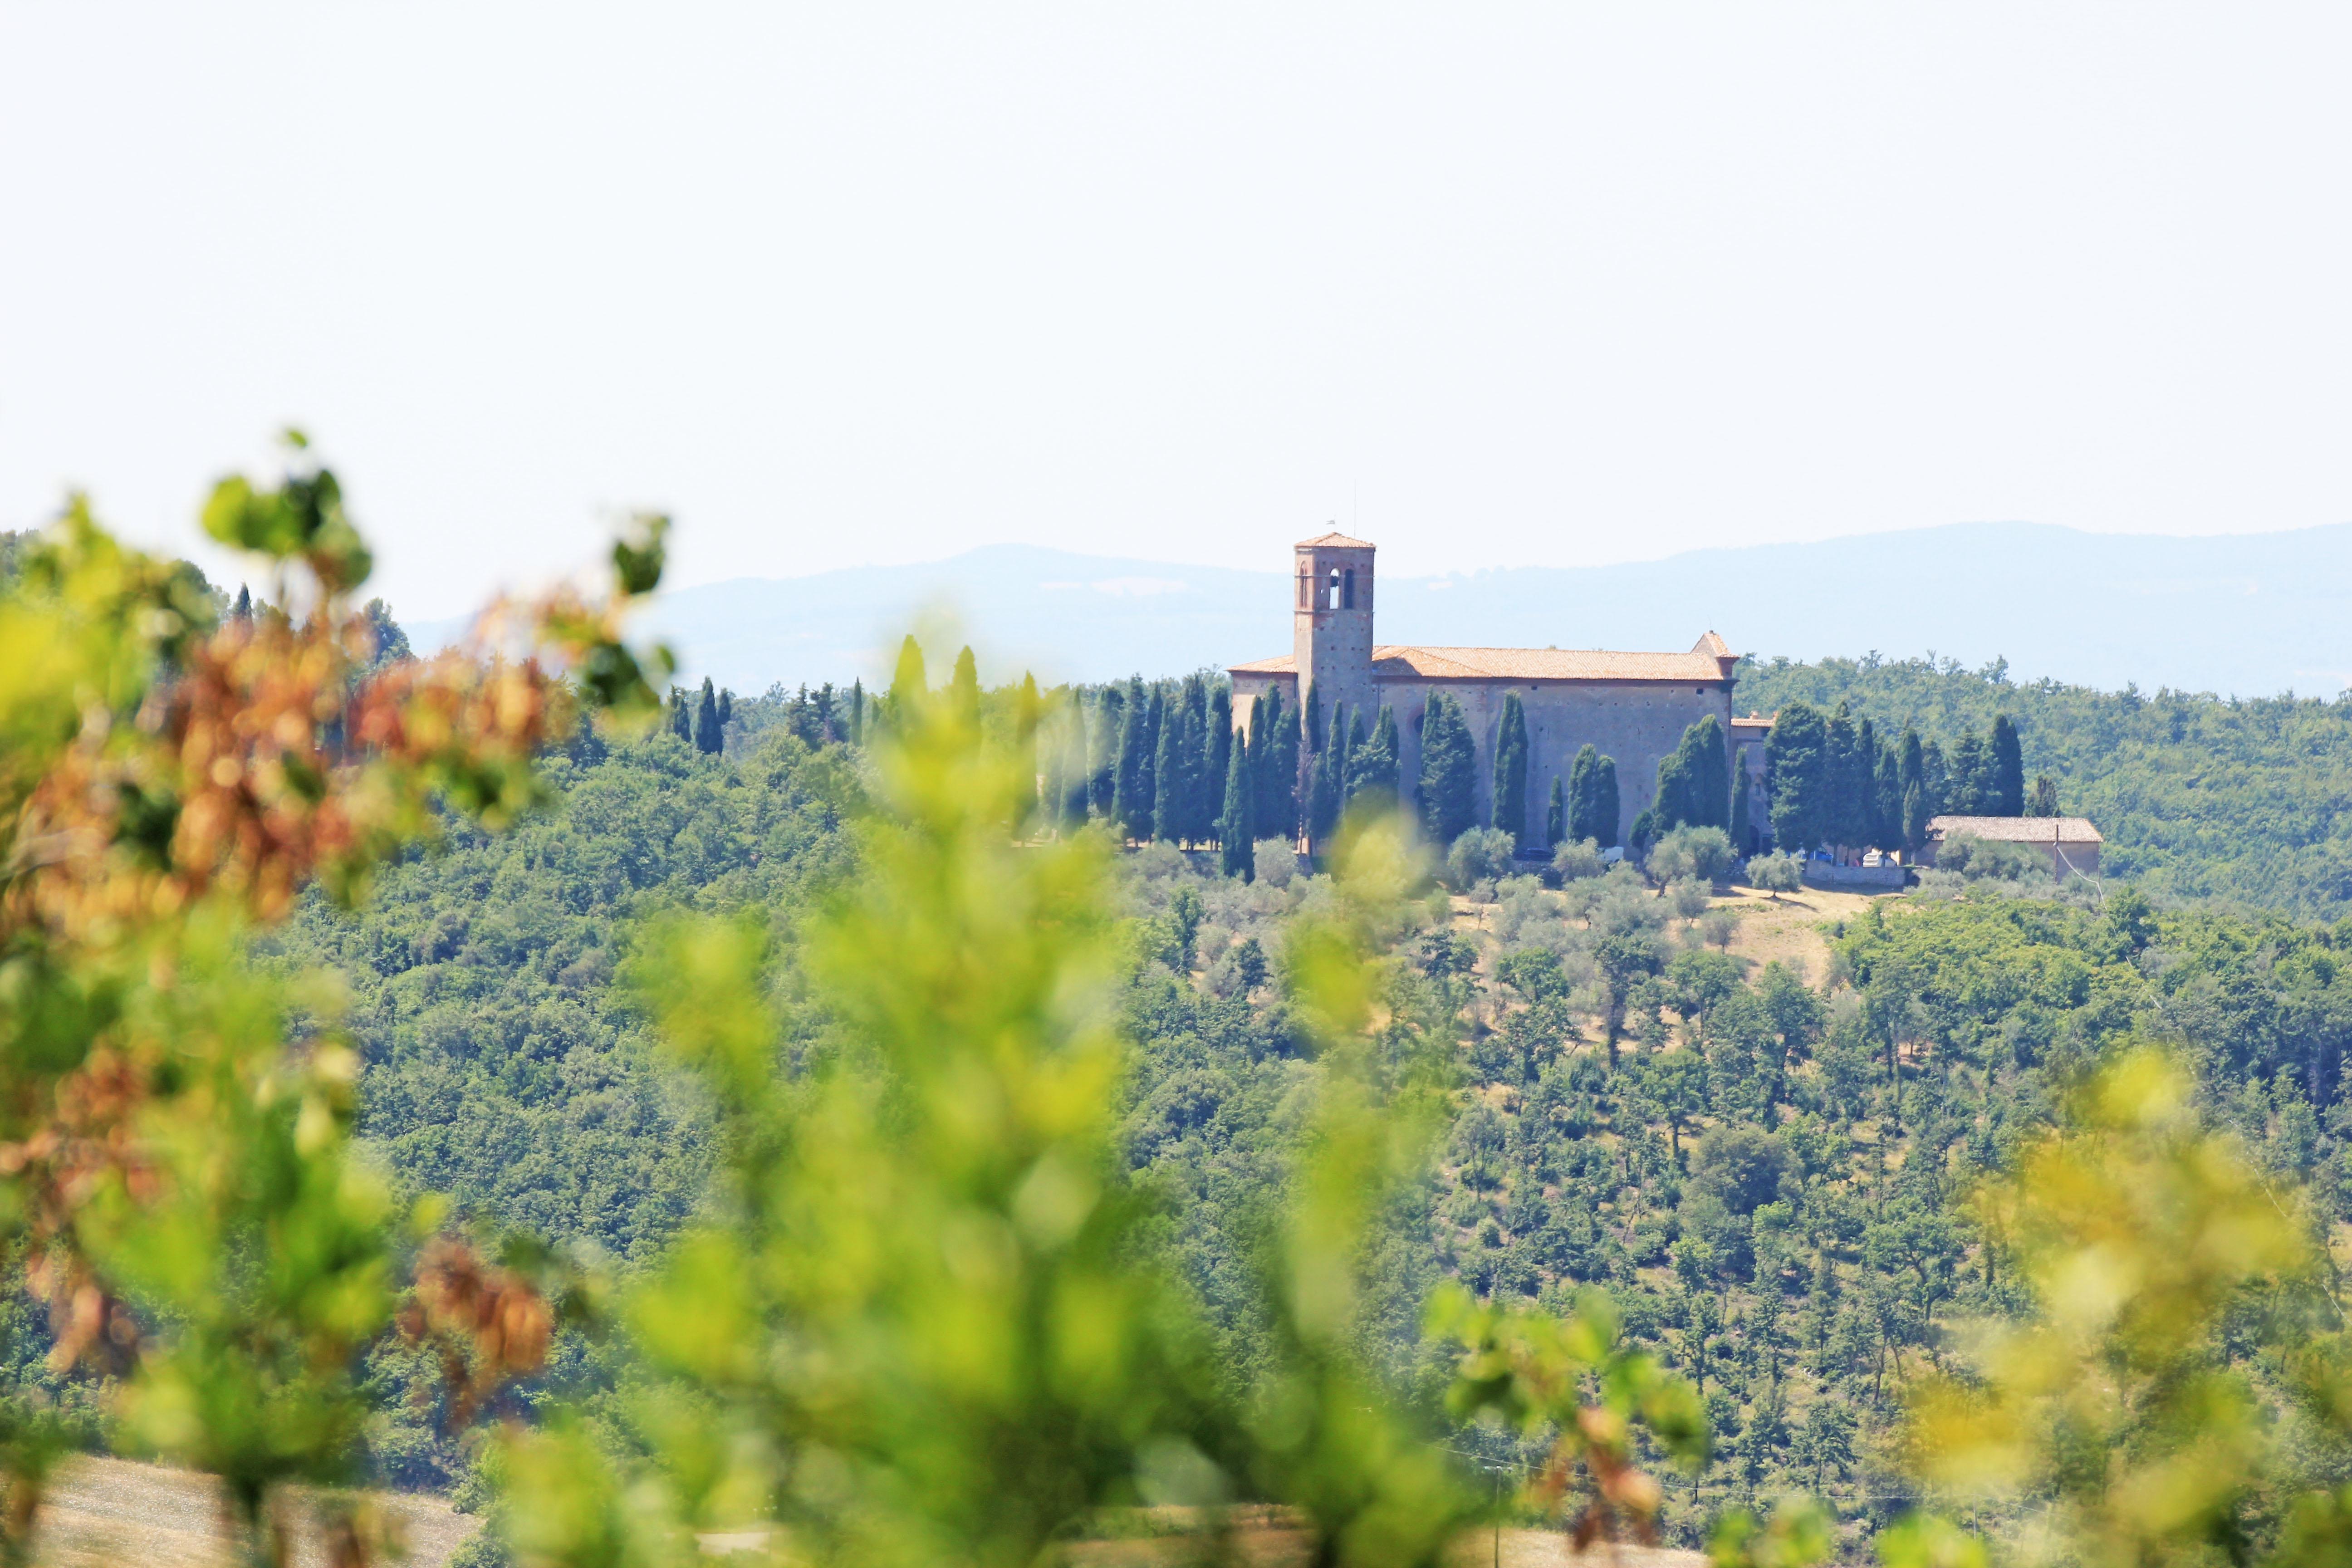 montepulciano e dintorni: la valdichiana senese